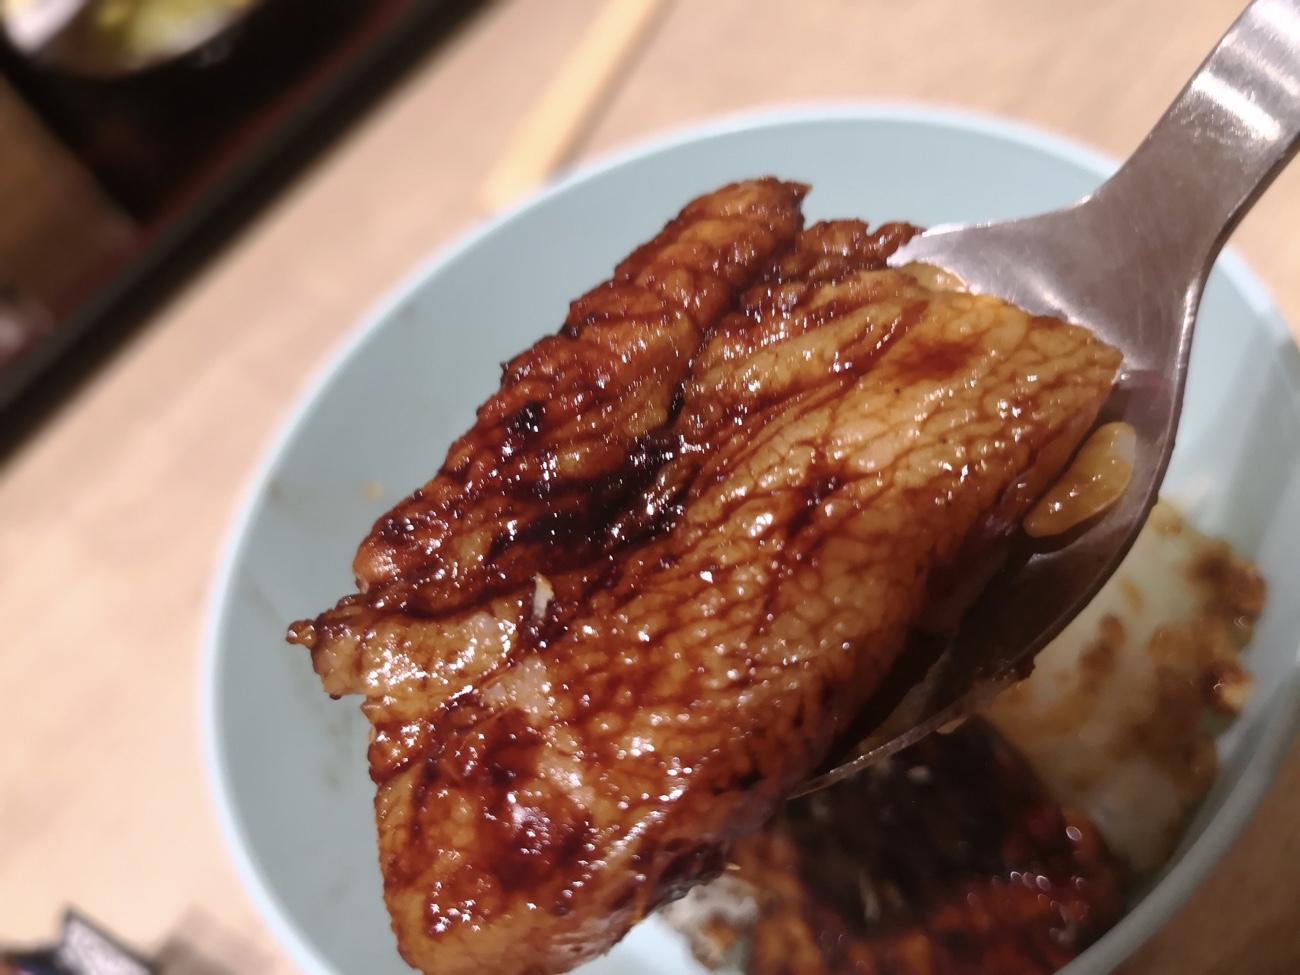 ドライブインいとう豚丼名人新千歳空港ゲートラウンジ店 限定メニュー